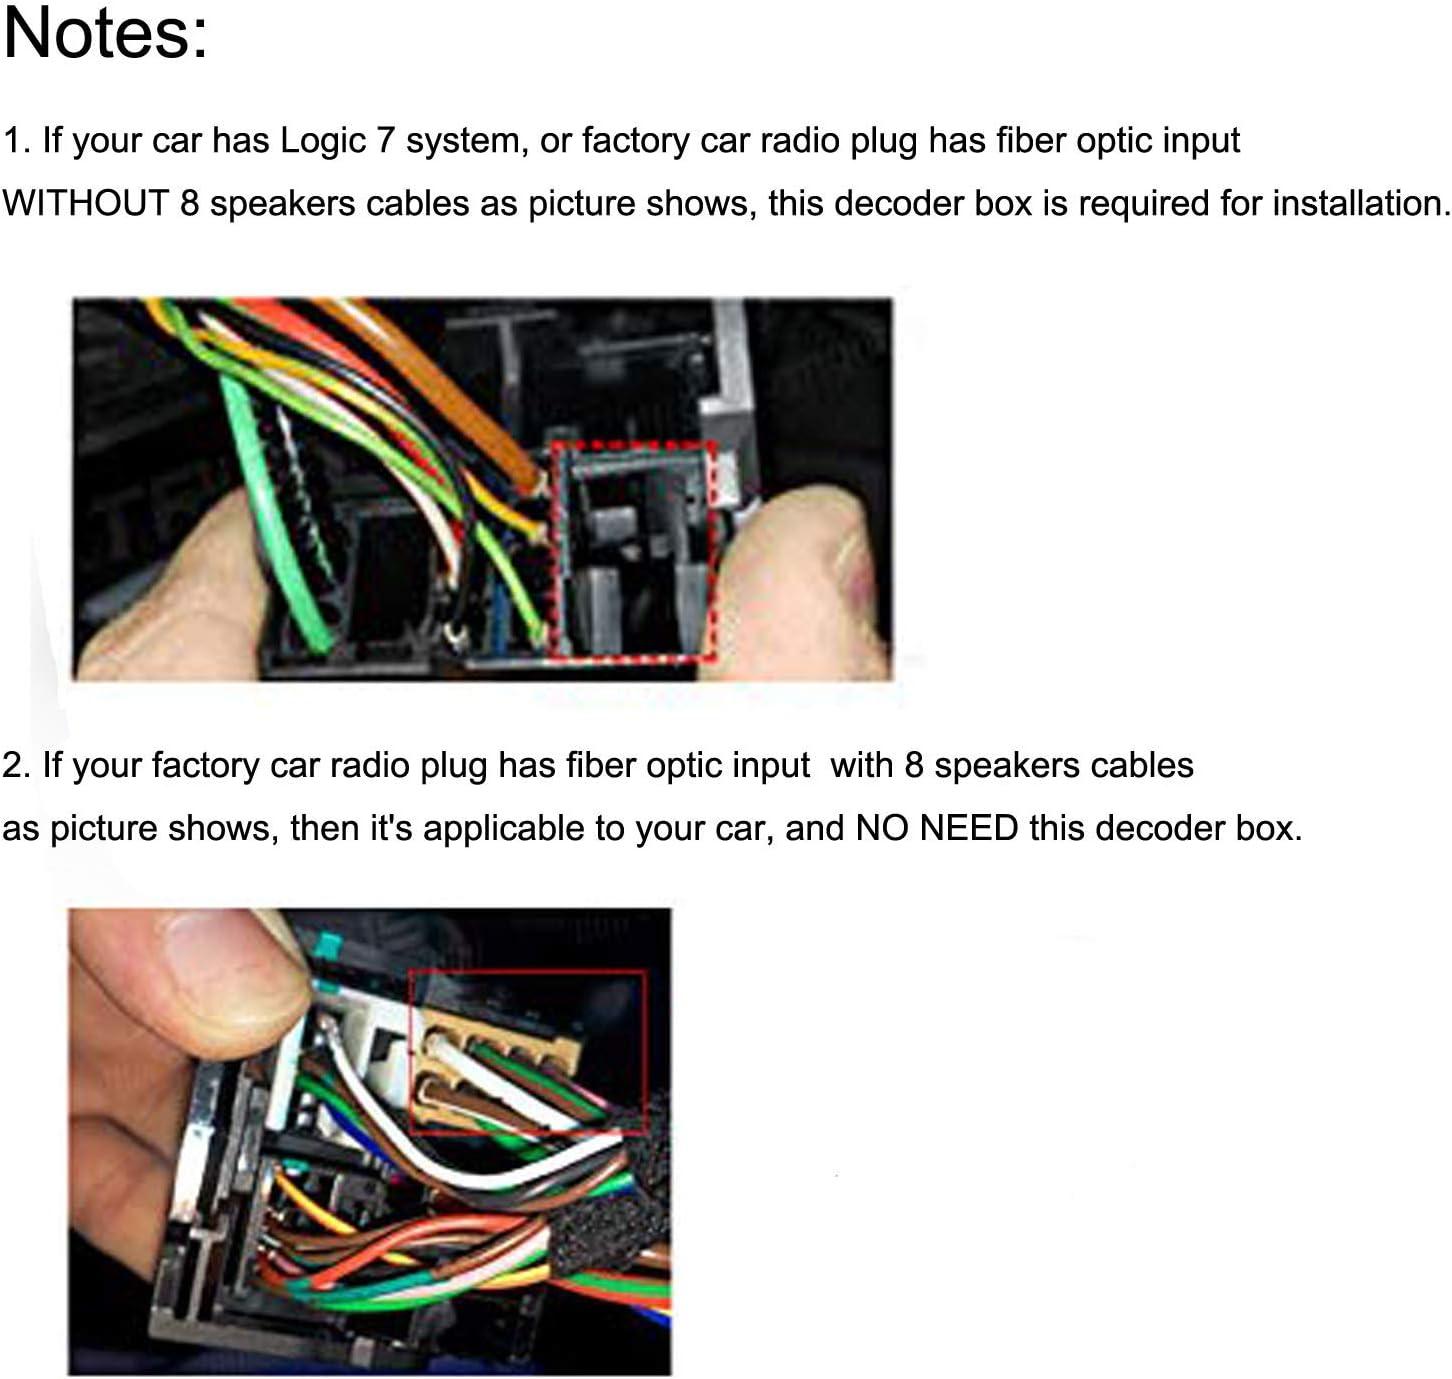 E92 E93 2005-2012 M3 3-Serie SMARTNAVI Autoradio-Lichtwellenleiter-Decoder f/ür die Glasfaserkabel f/ür BMW E90 E91